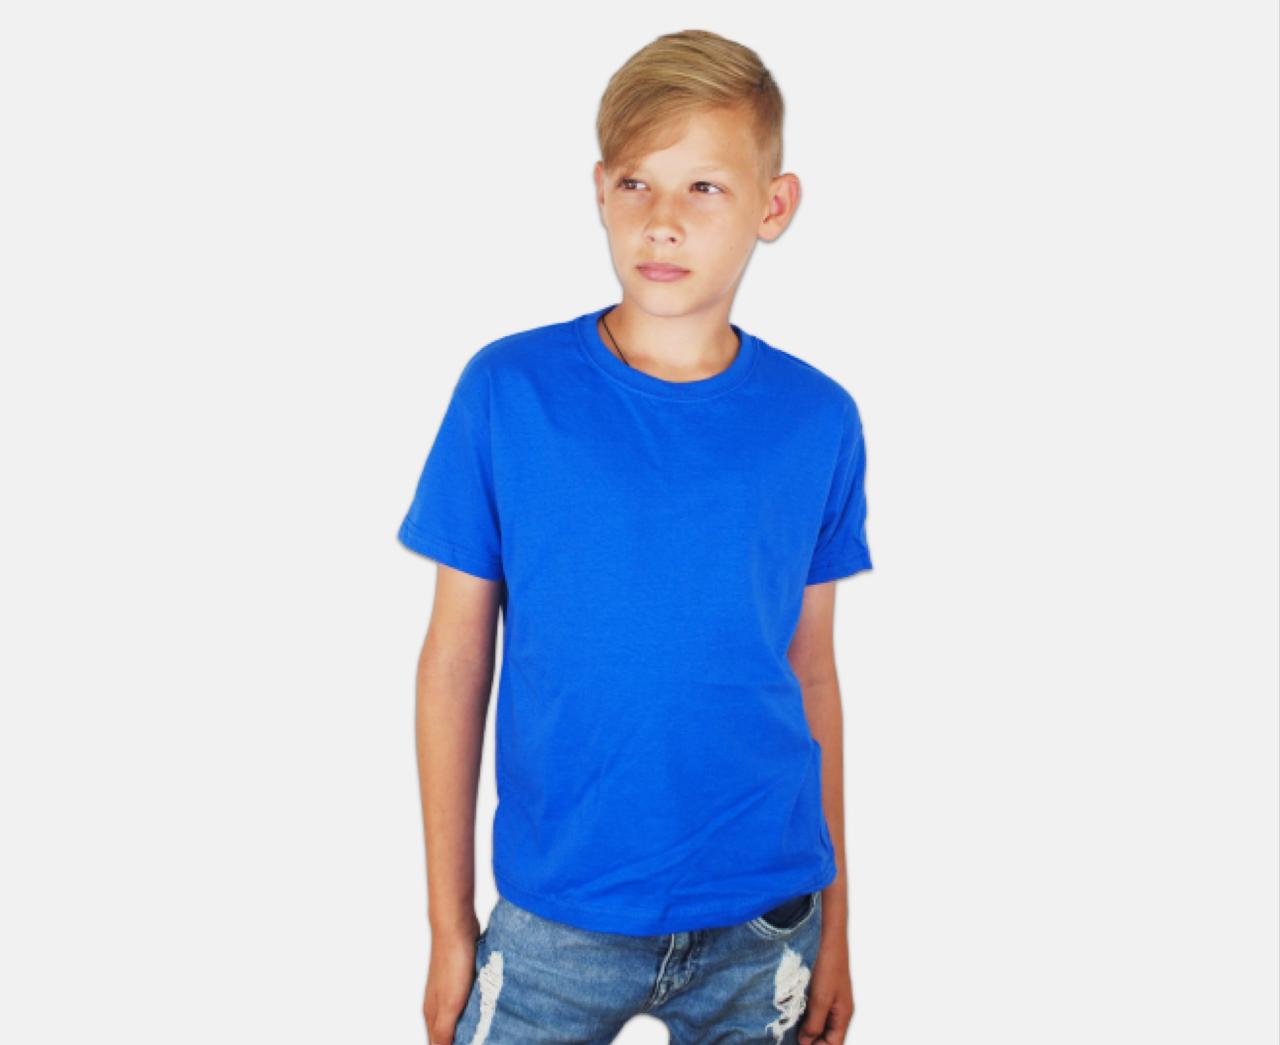 Детская Классическая Футболка для Мальчиков Ярко-синяя Fruit of the loom 61-033-51 3-4